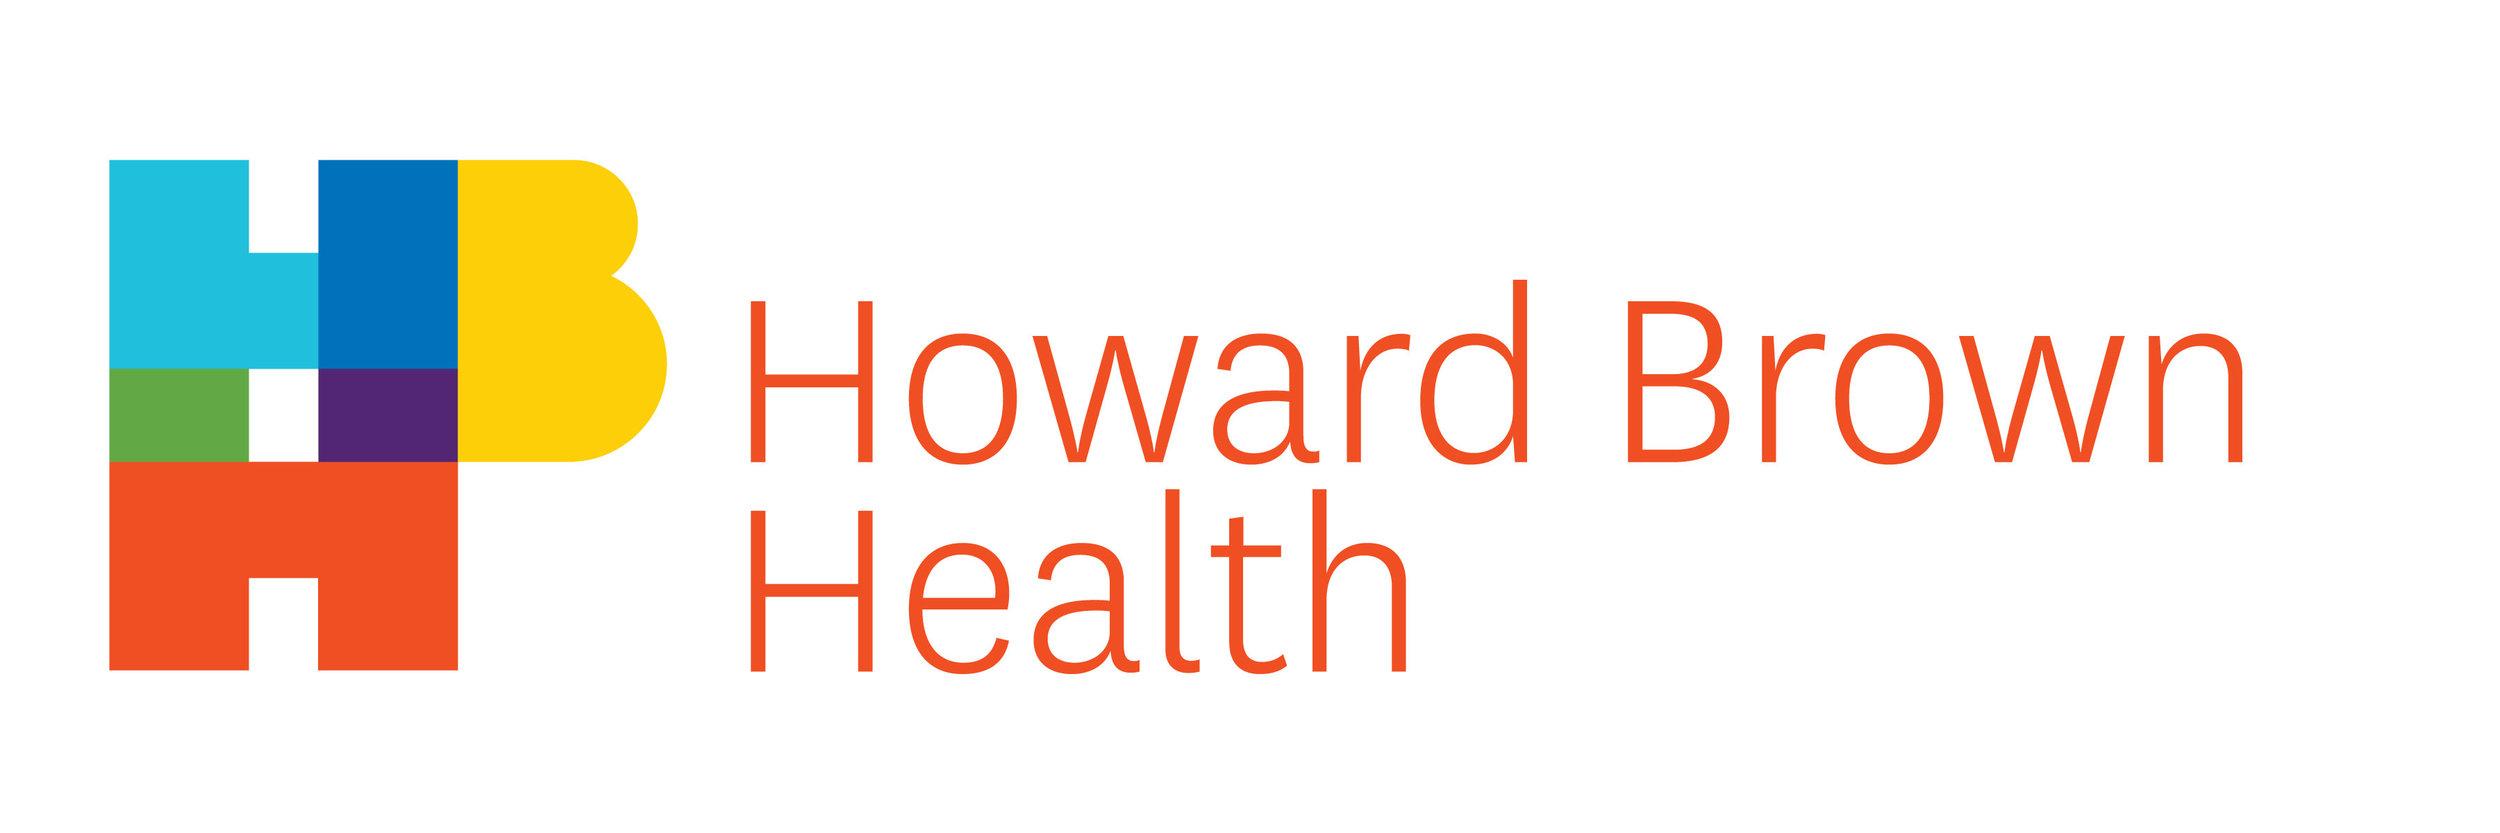 HBH_Logo-(1).jpg